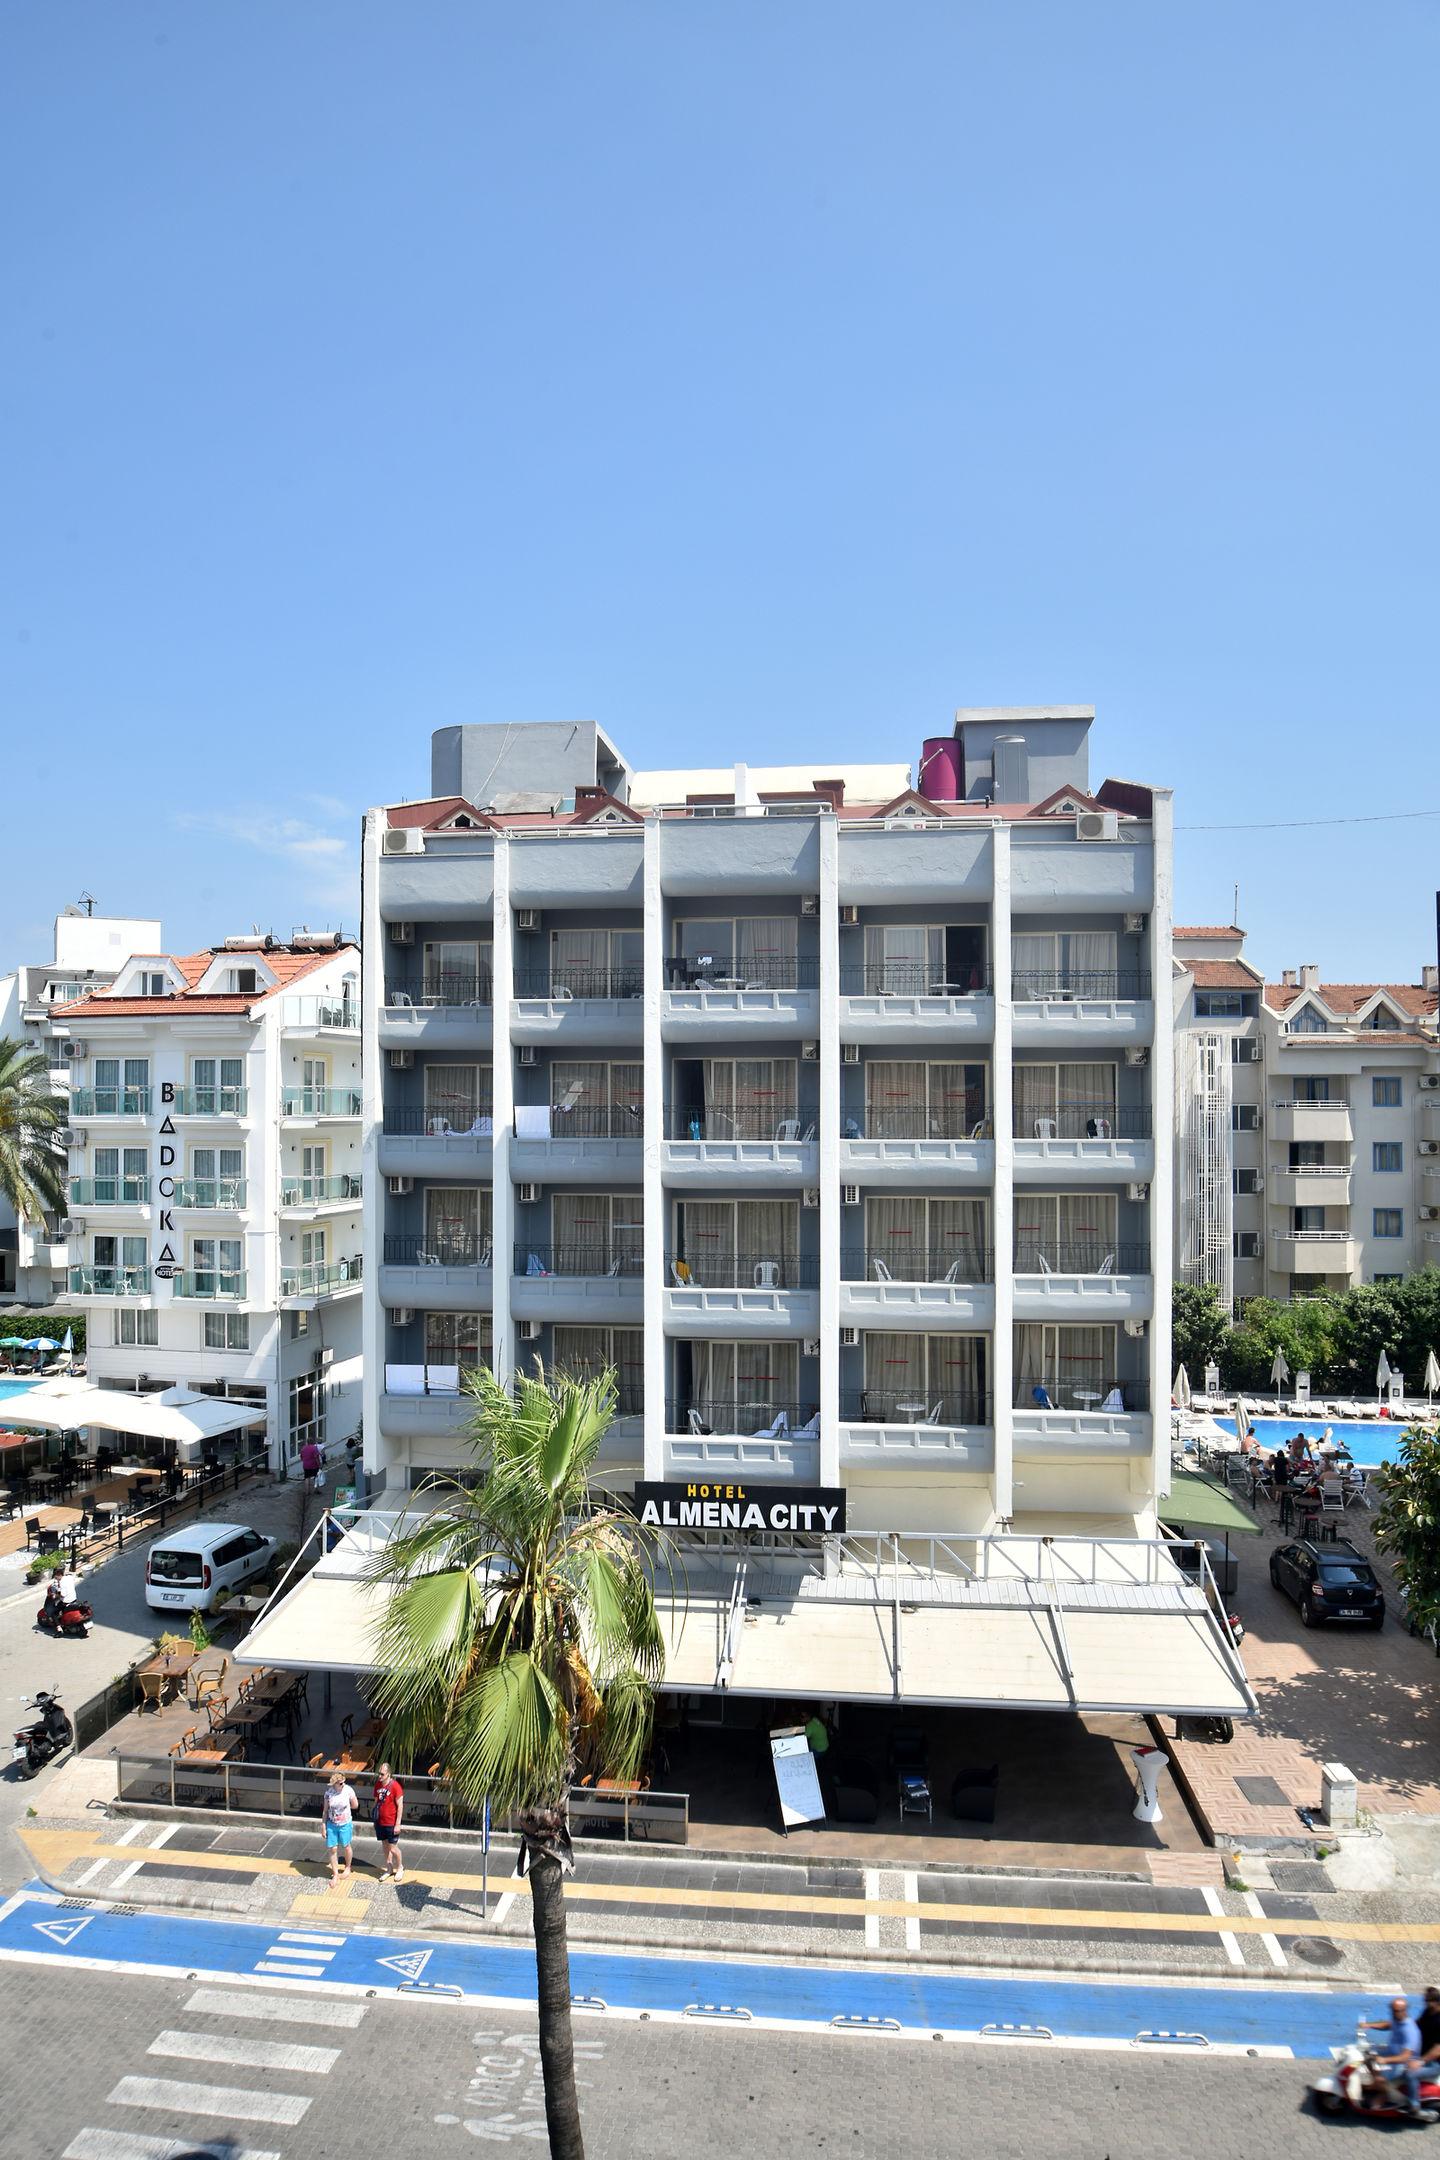 Hotel Almena City